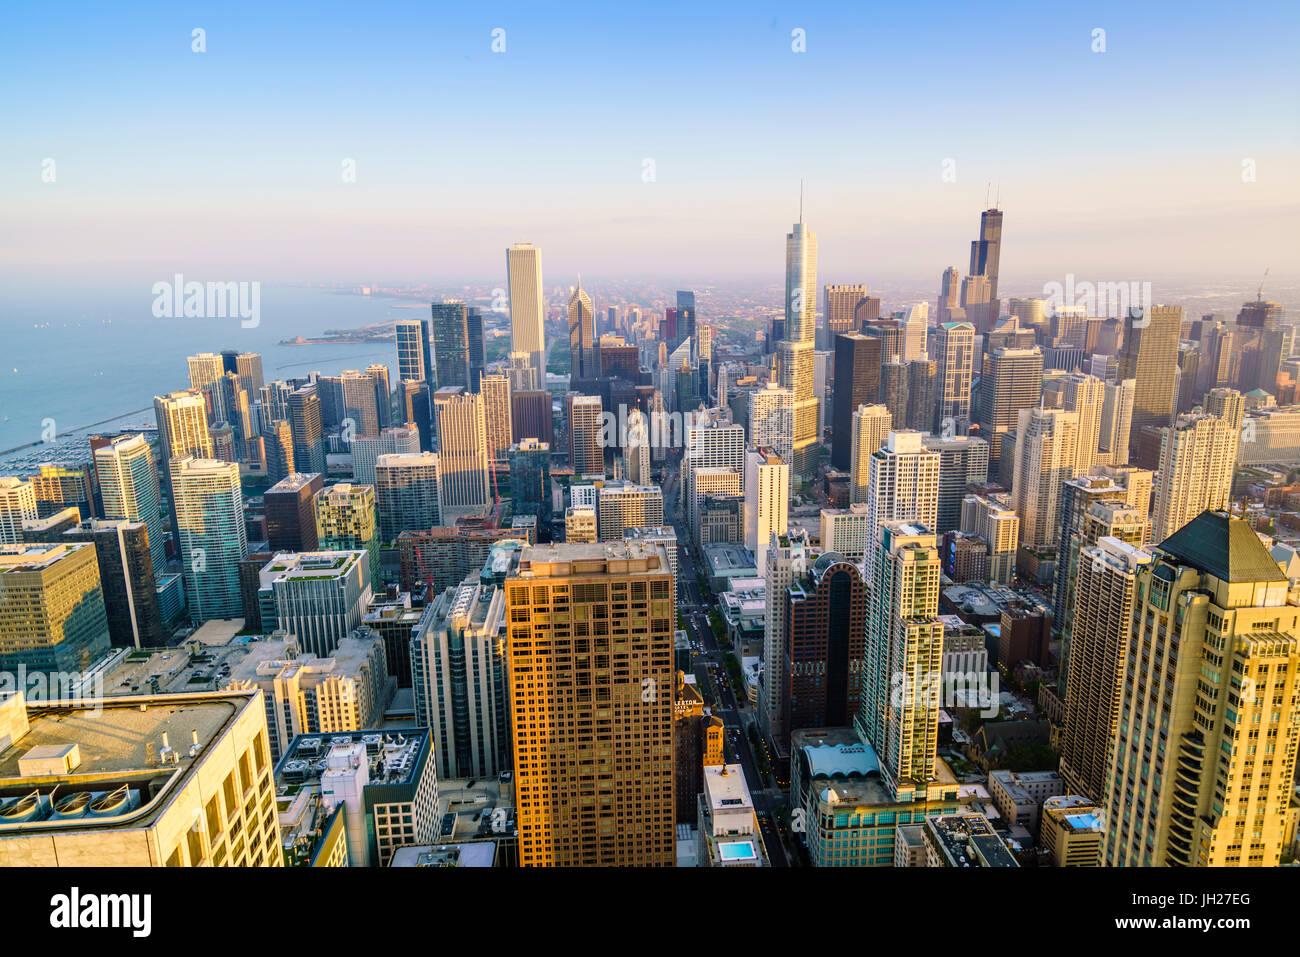 El horizonte de la ciudad, Chicago, Illinois, Estados Unidos de América, América del Norte Imagen De Stock